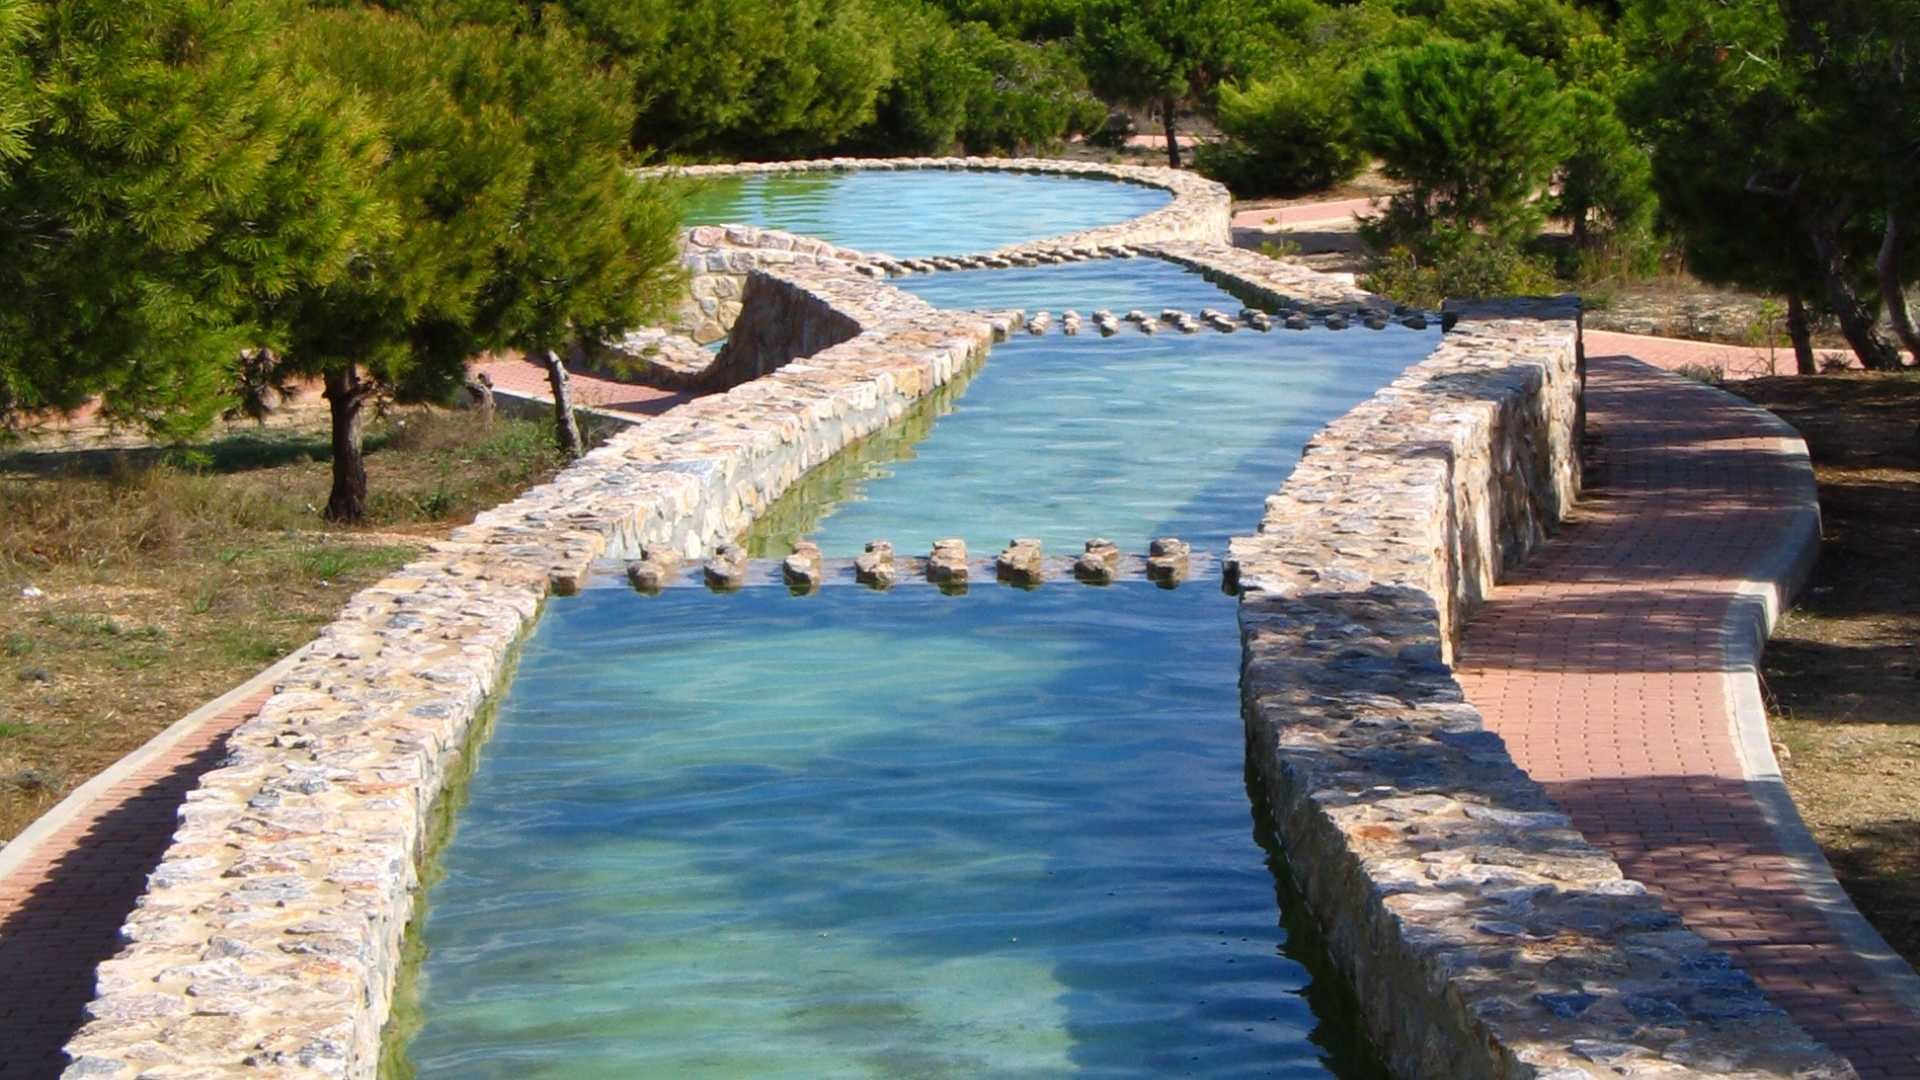 Parc Molino del Agua